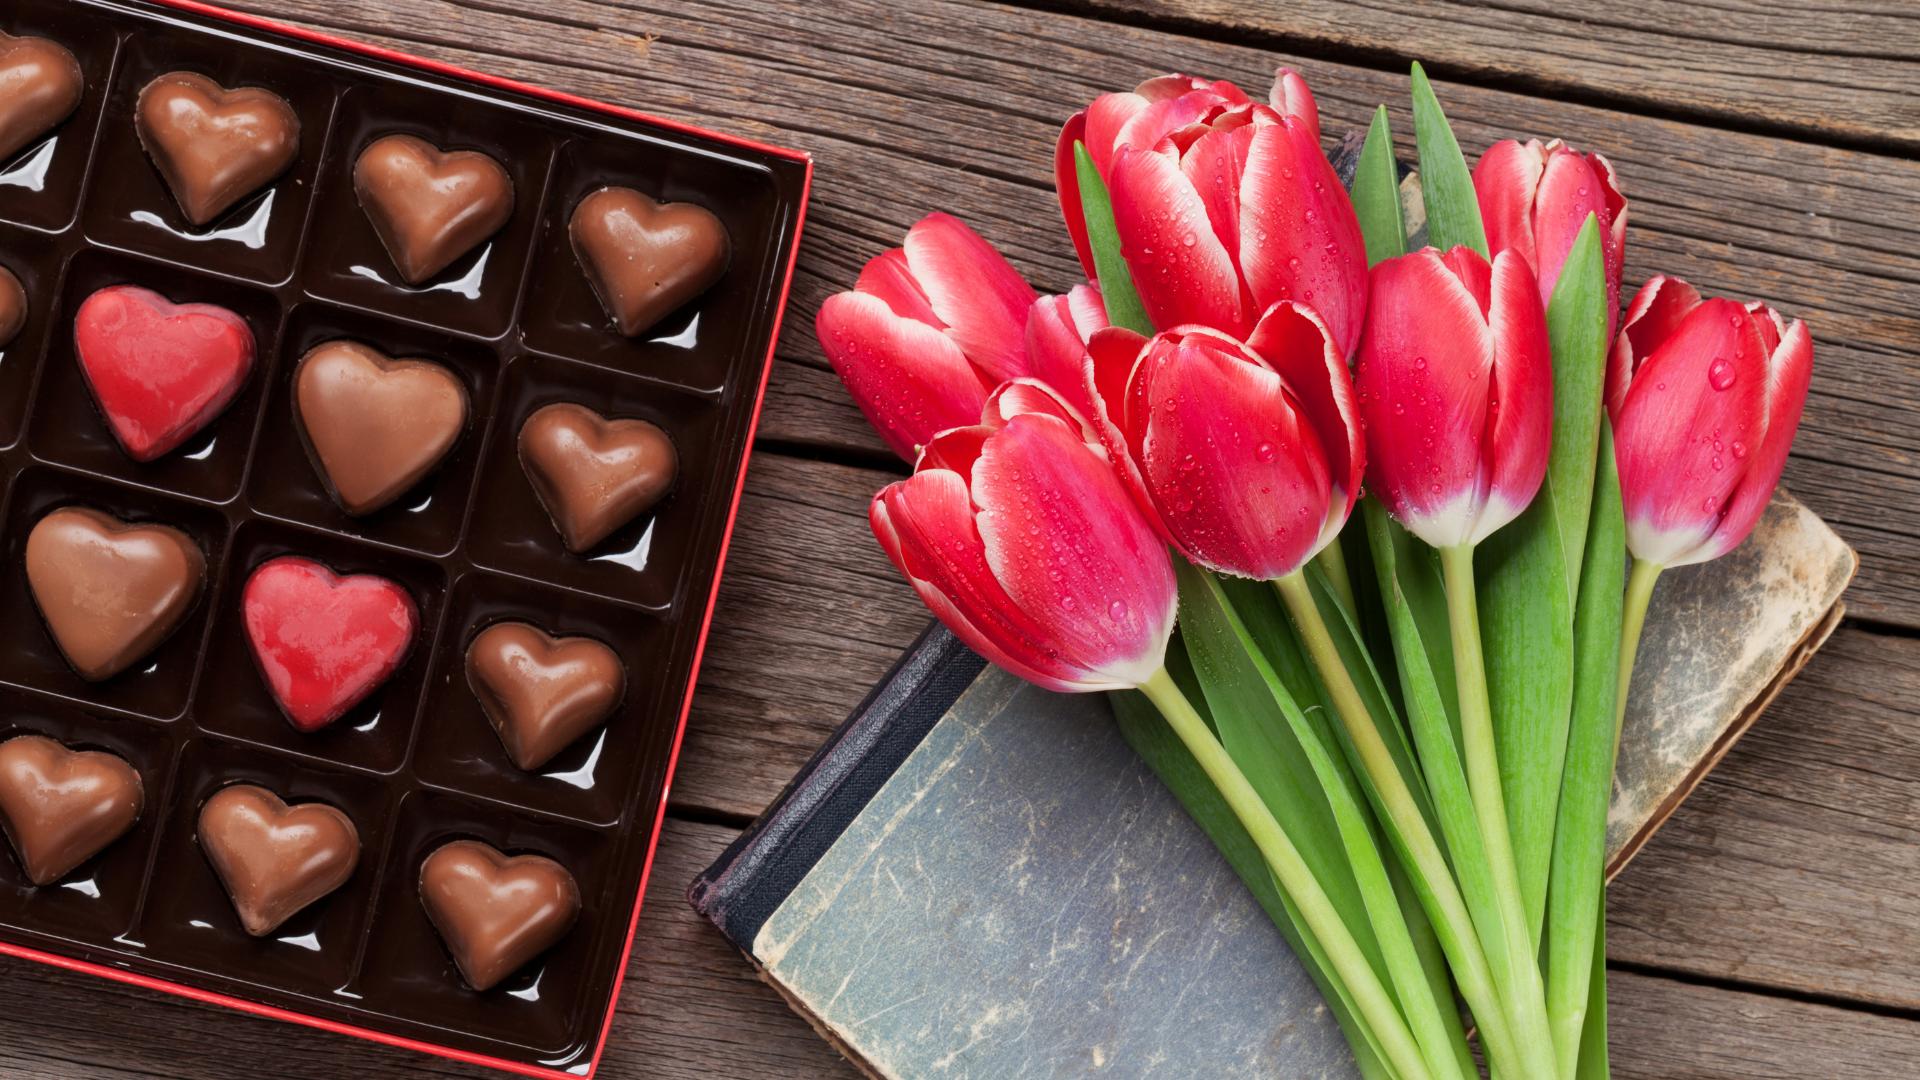 יחסים וזוגיות - דבר אלי בפרחים (או בשוקולדים) – רעיונות למתנות לולנטיין-דיי